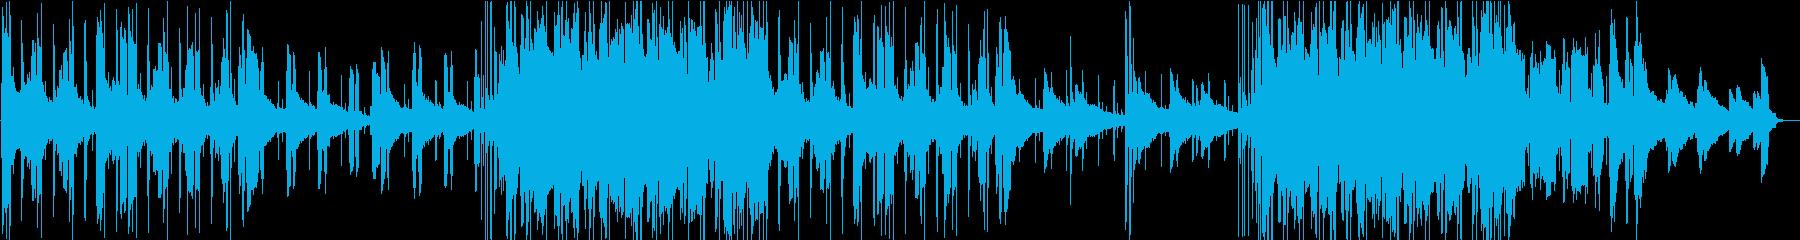 切ない。別れ。エレピバラードの再生済みの波形